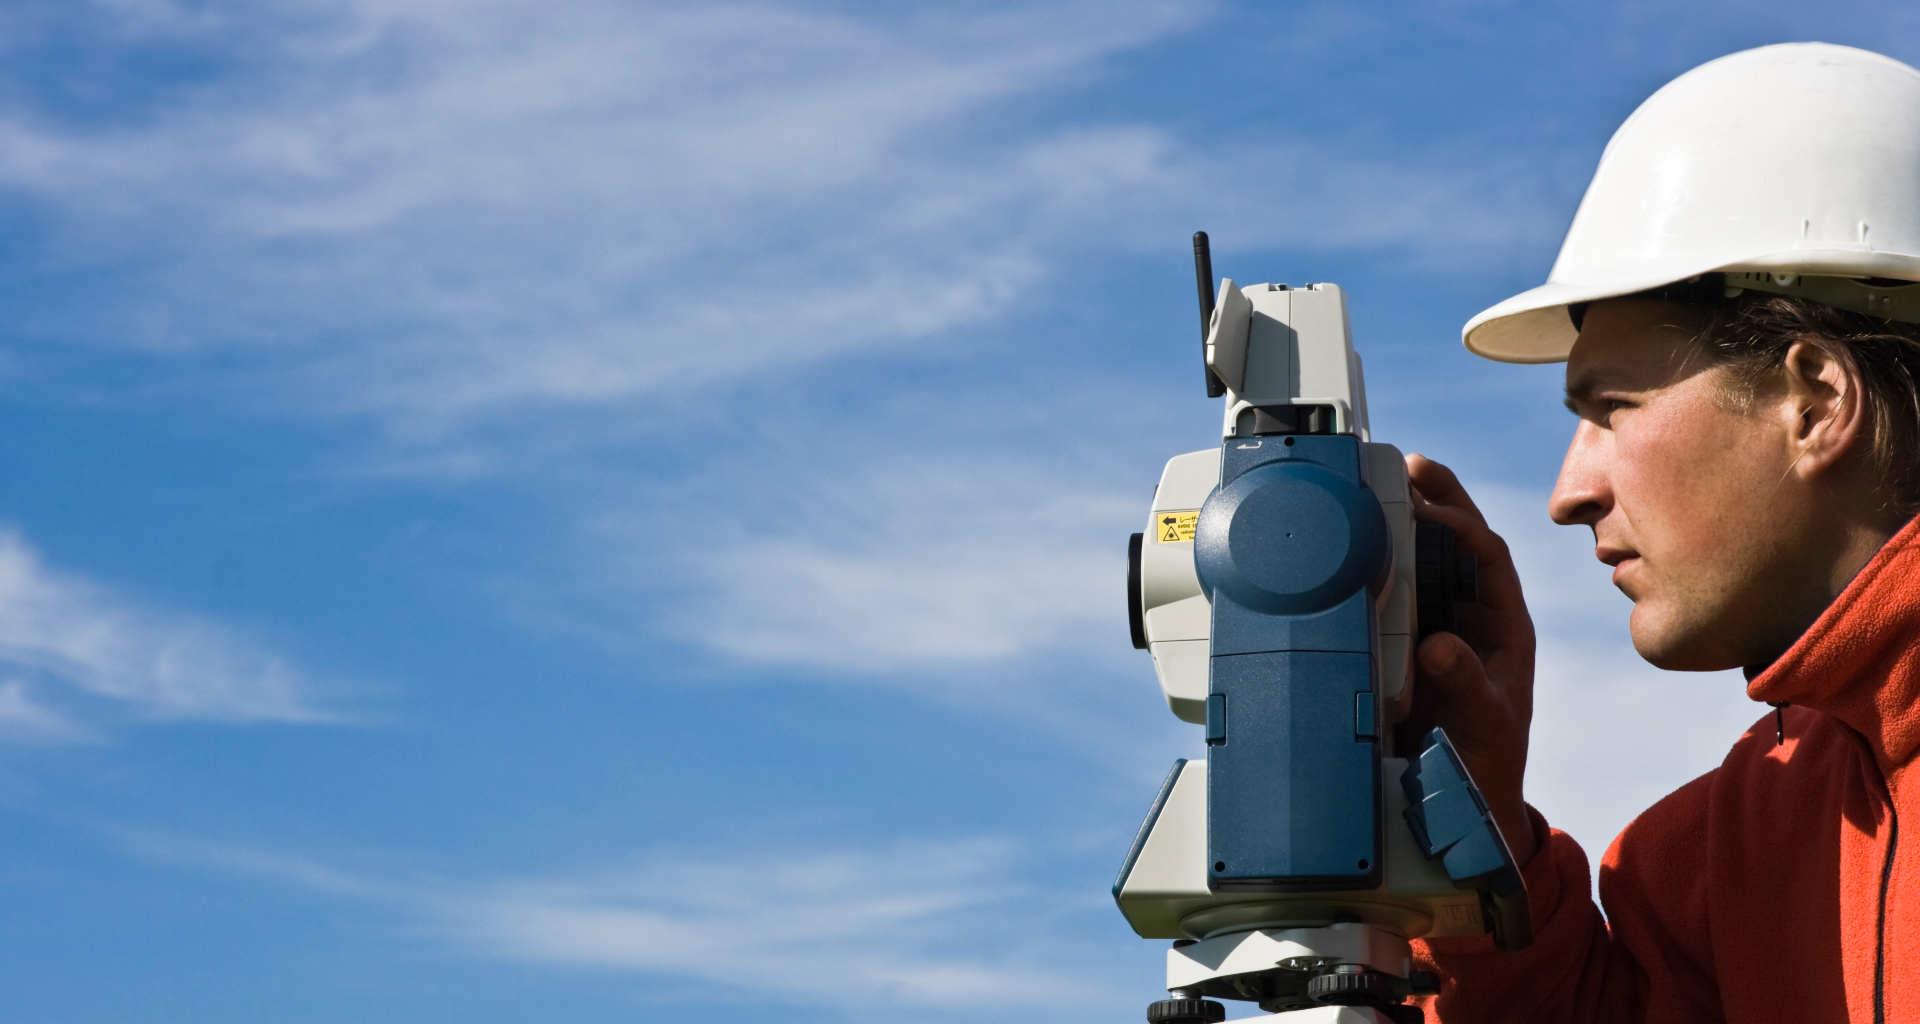 Iščete geodeta? Pomagali vam bomo najti pravega geodeta